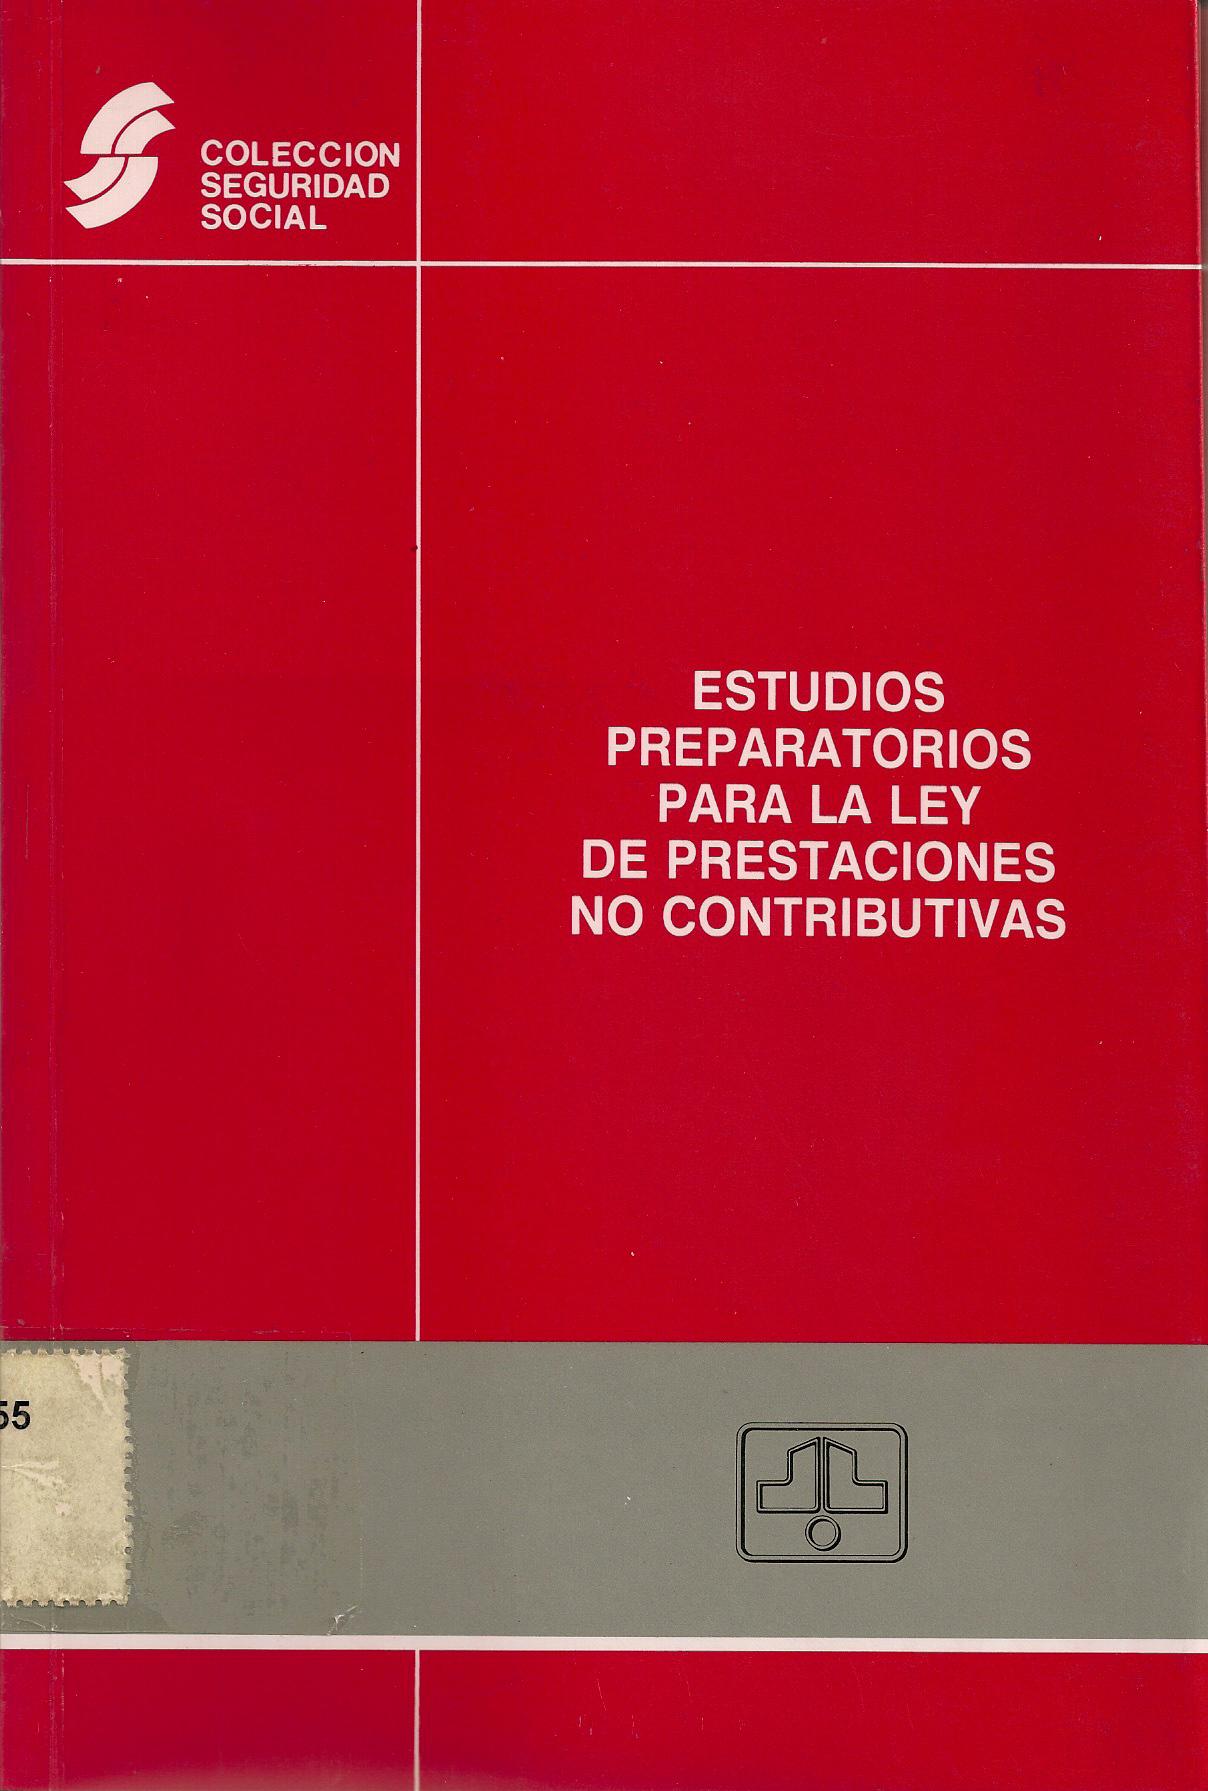 Estudios preparatorios para la ley de prestaciones no contributivas